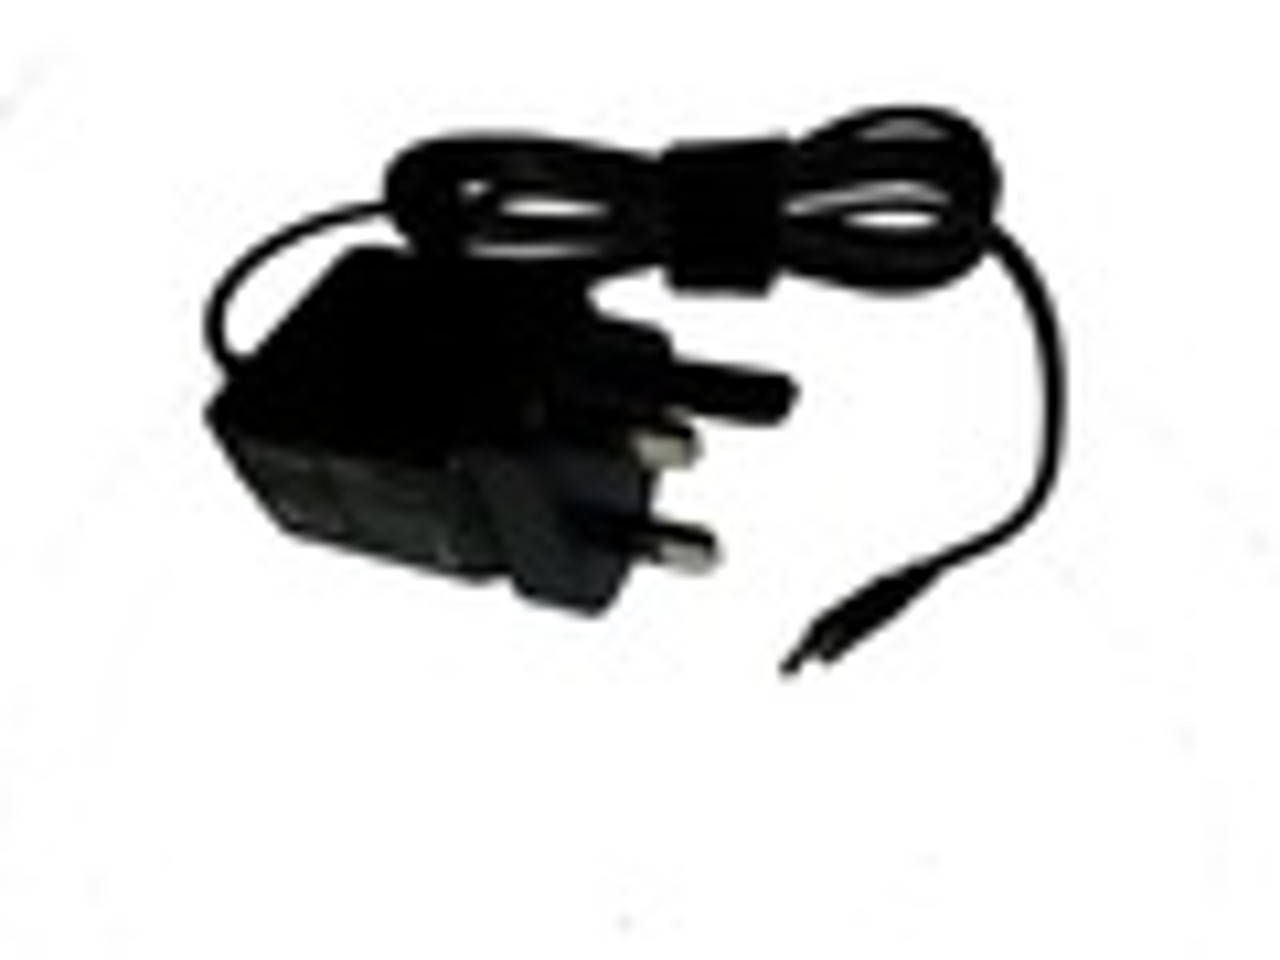 AC Adapter for Lenovo Zuk Z1, HP Pavilion X2 etc